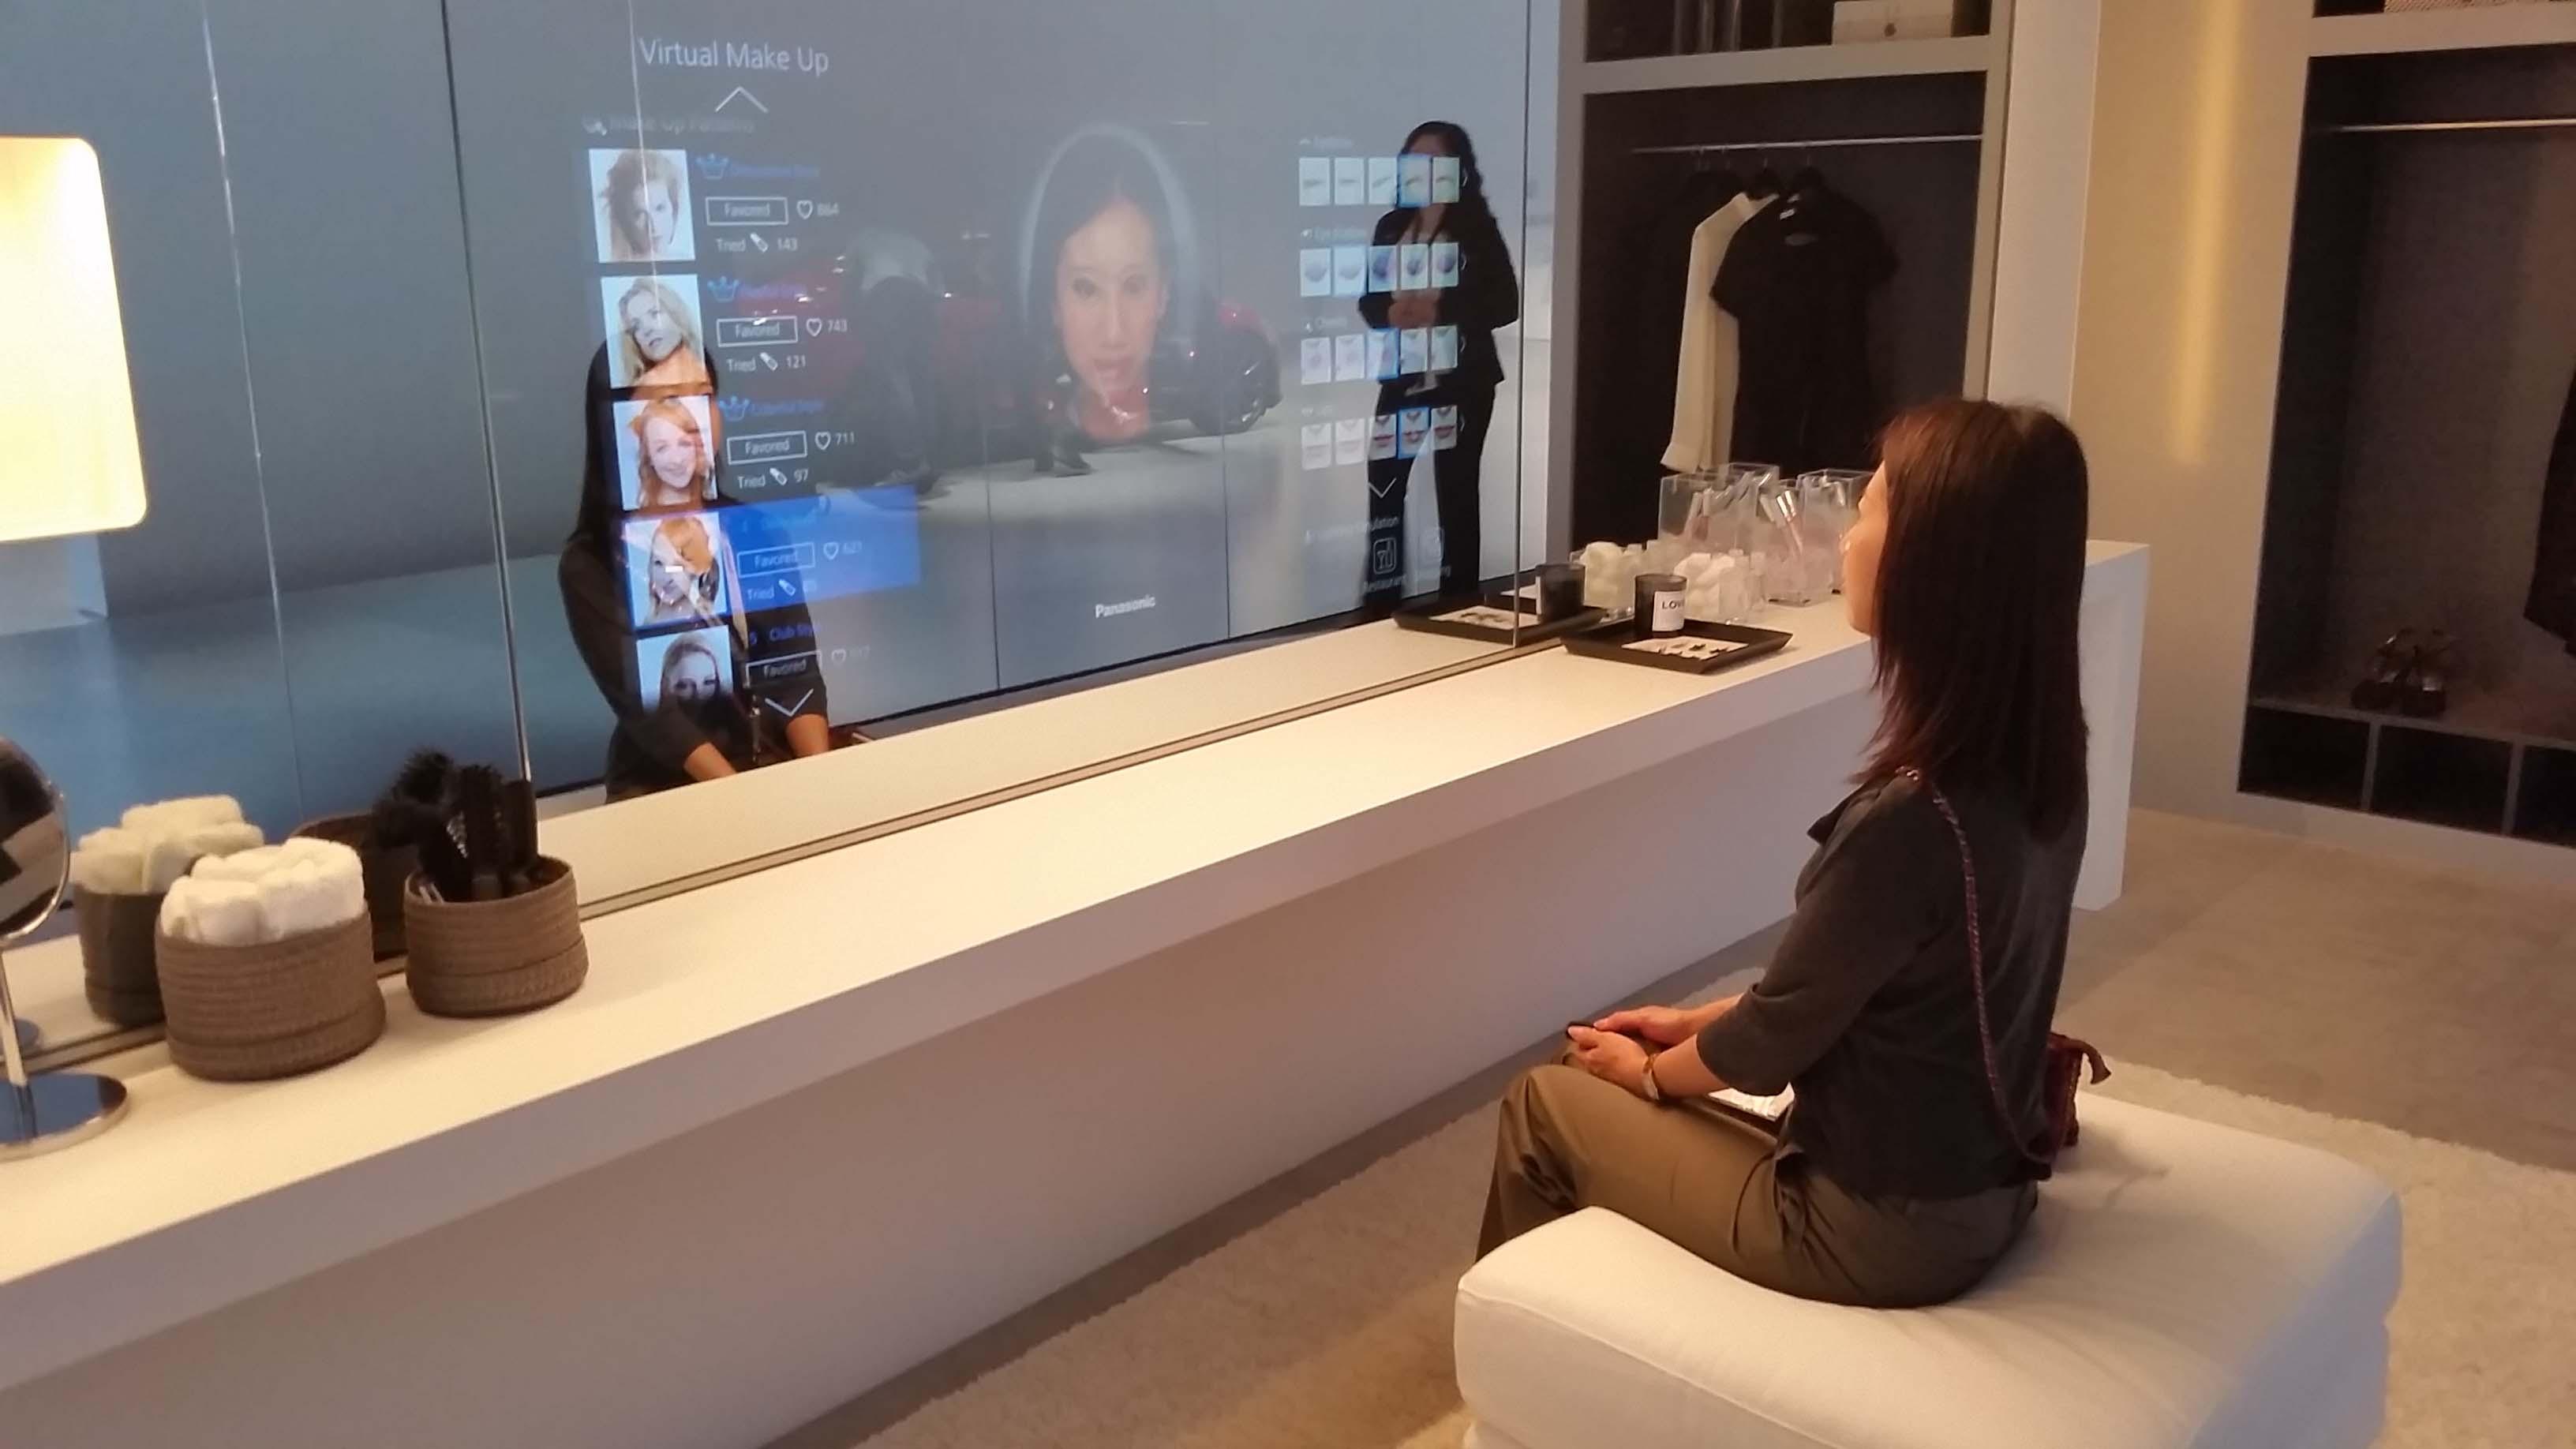 Ifa 2014 la r alit virtuelle dans votre chambre coucher for Miroir dans chambre a coucher